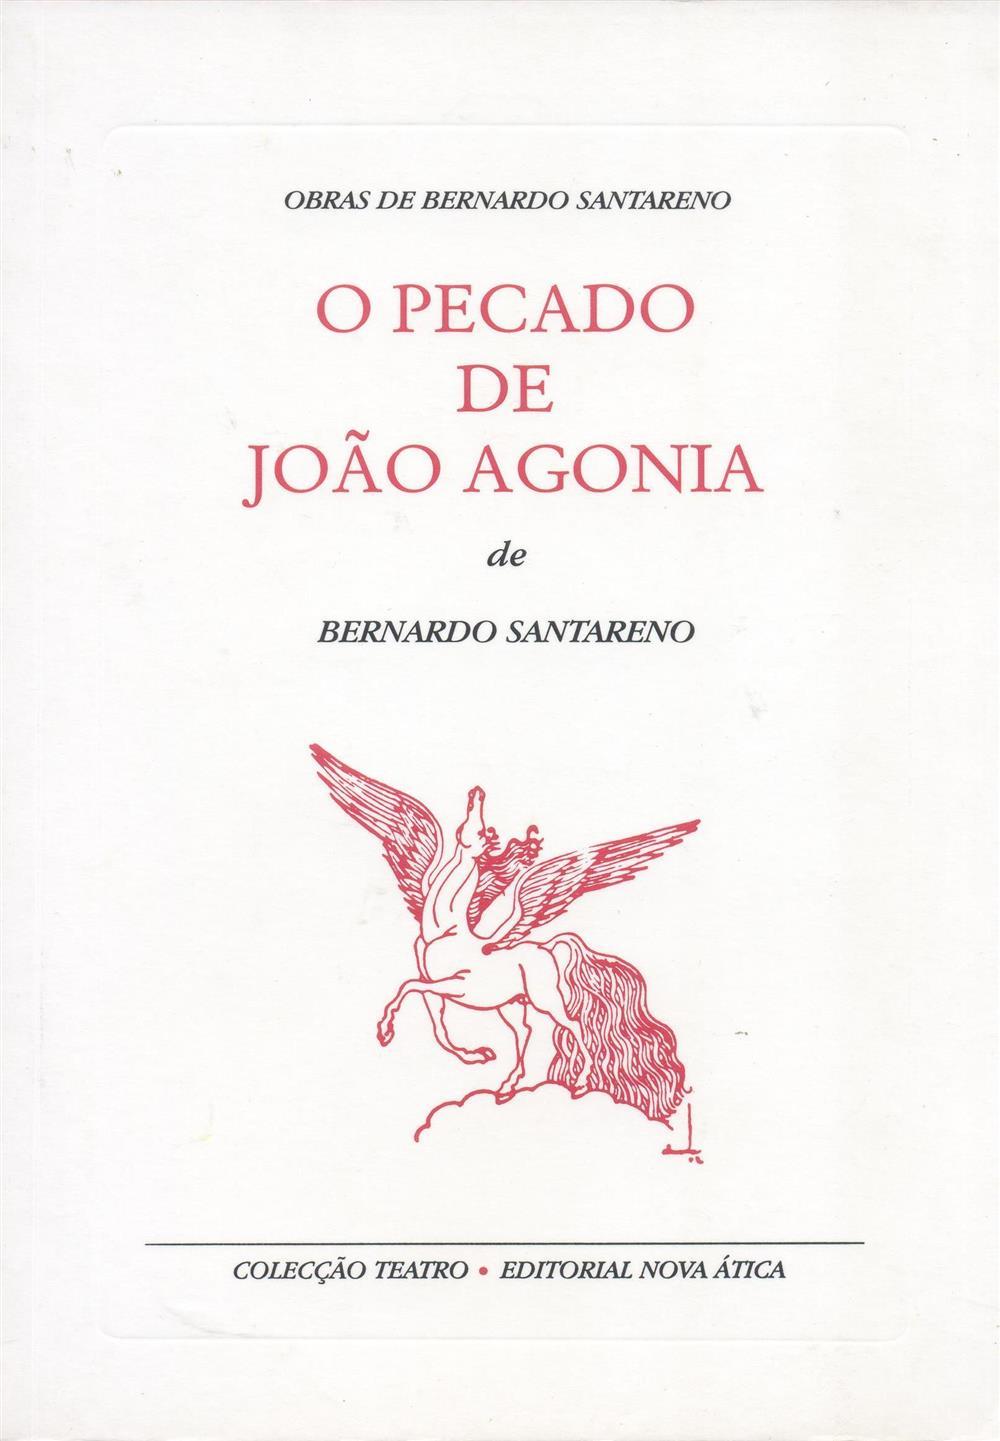 O pecado de João Agonia 001.jpg